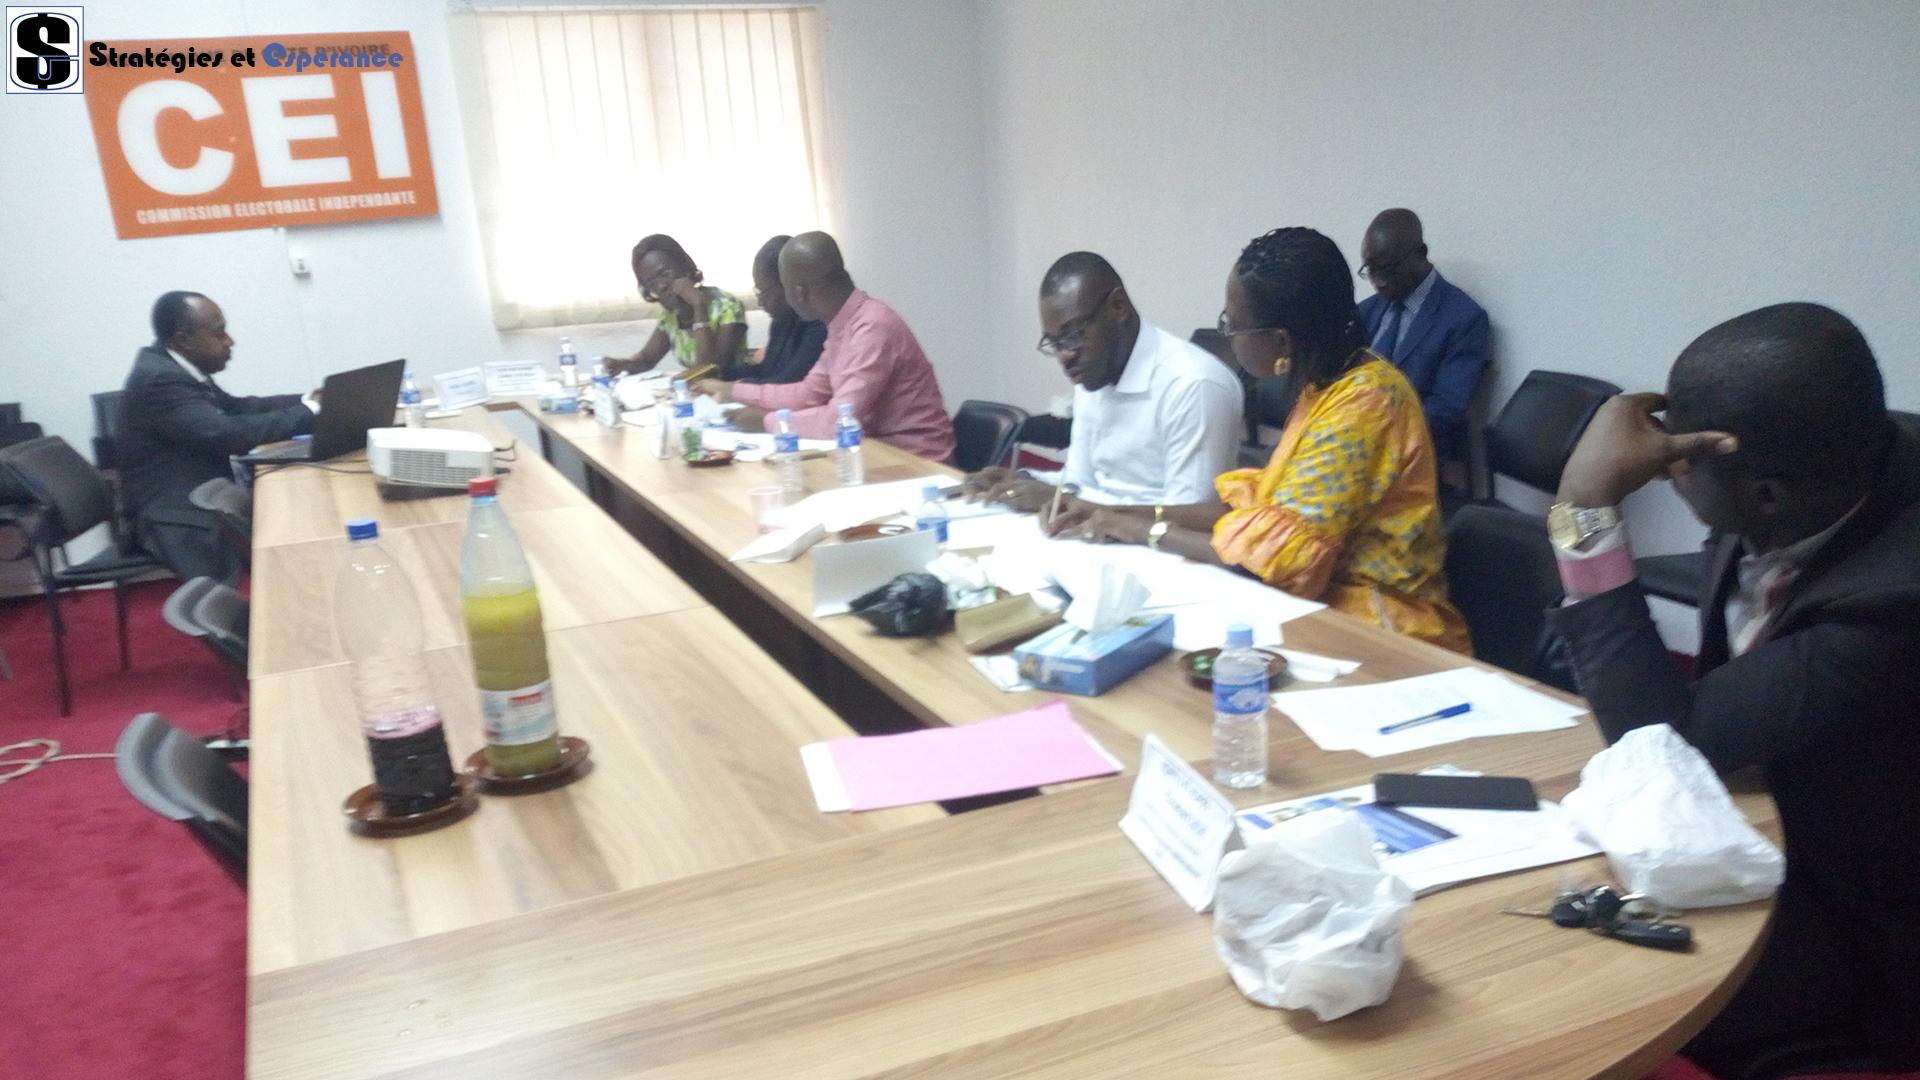 Juillet 2019: Formation sur la Gestion Prévisionnelle des Emplois et Compétences (GPEC), CEI